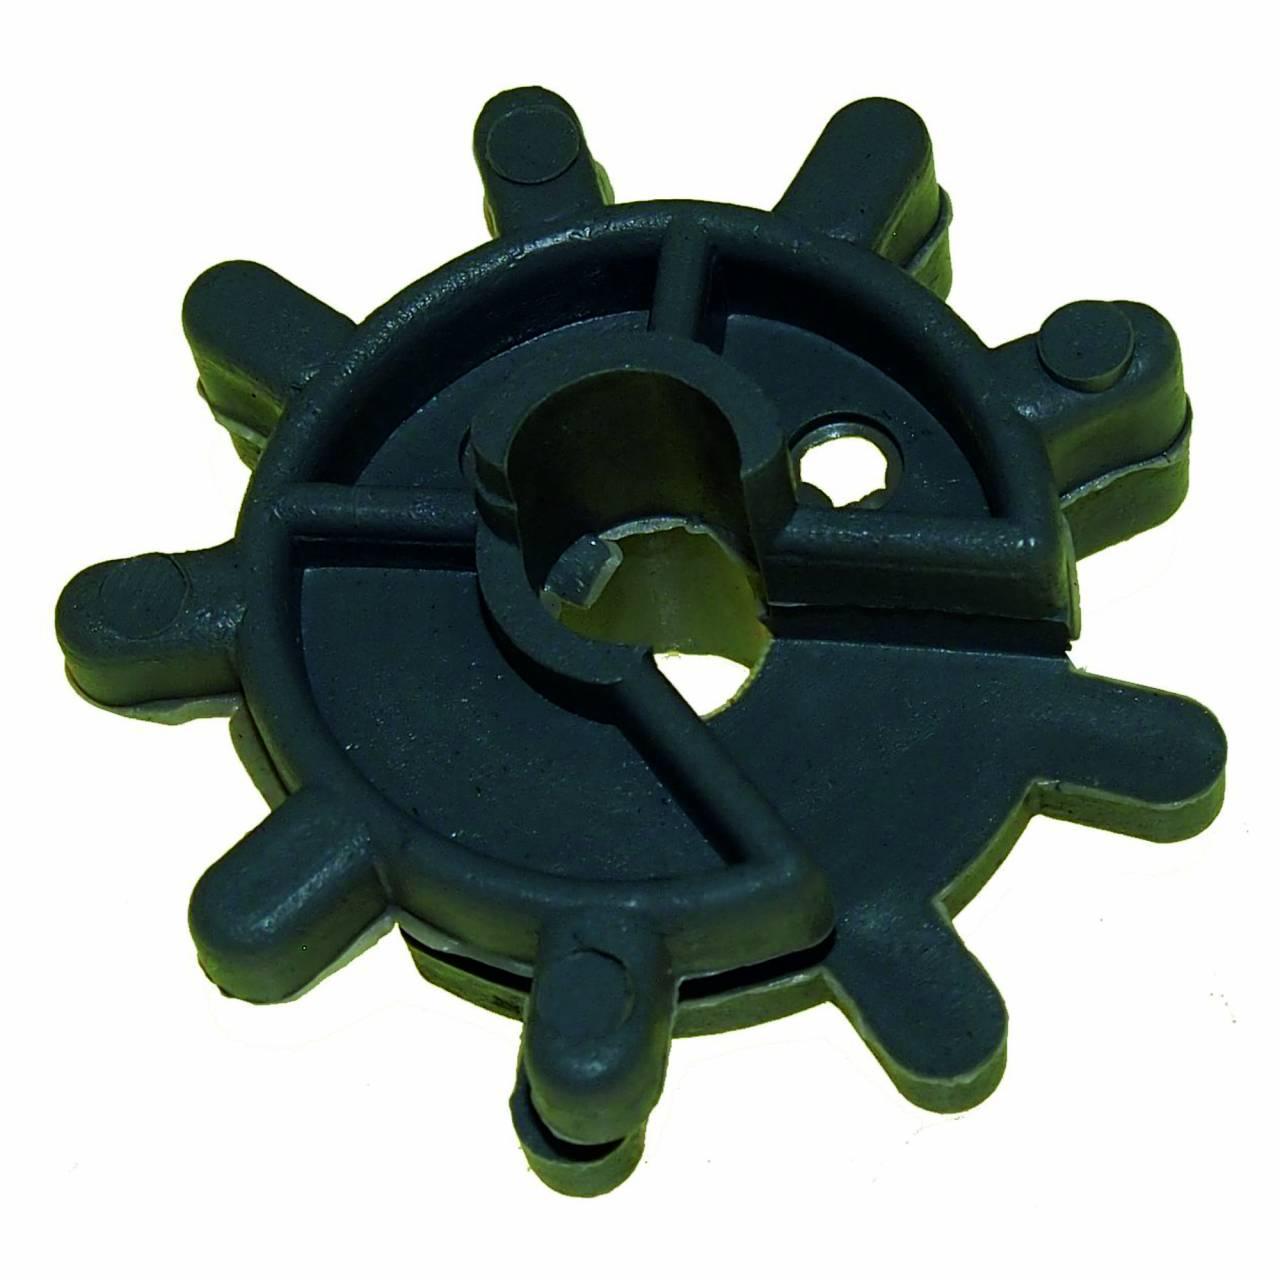 GARANT 6-10 / KB 6 mm Armierungs-Abstandhalter / Krt a 2.000 Stück